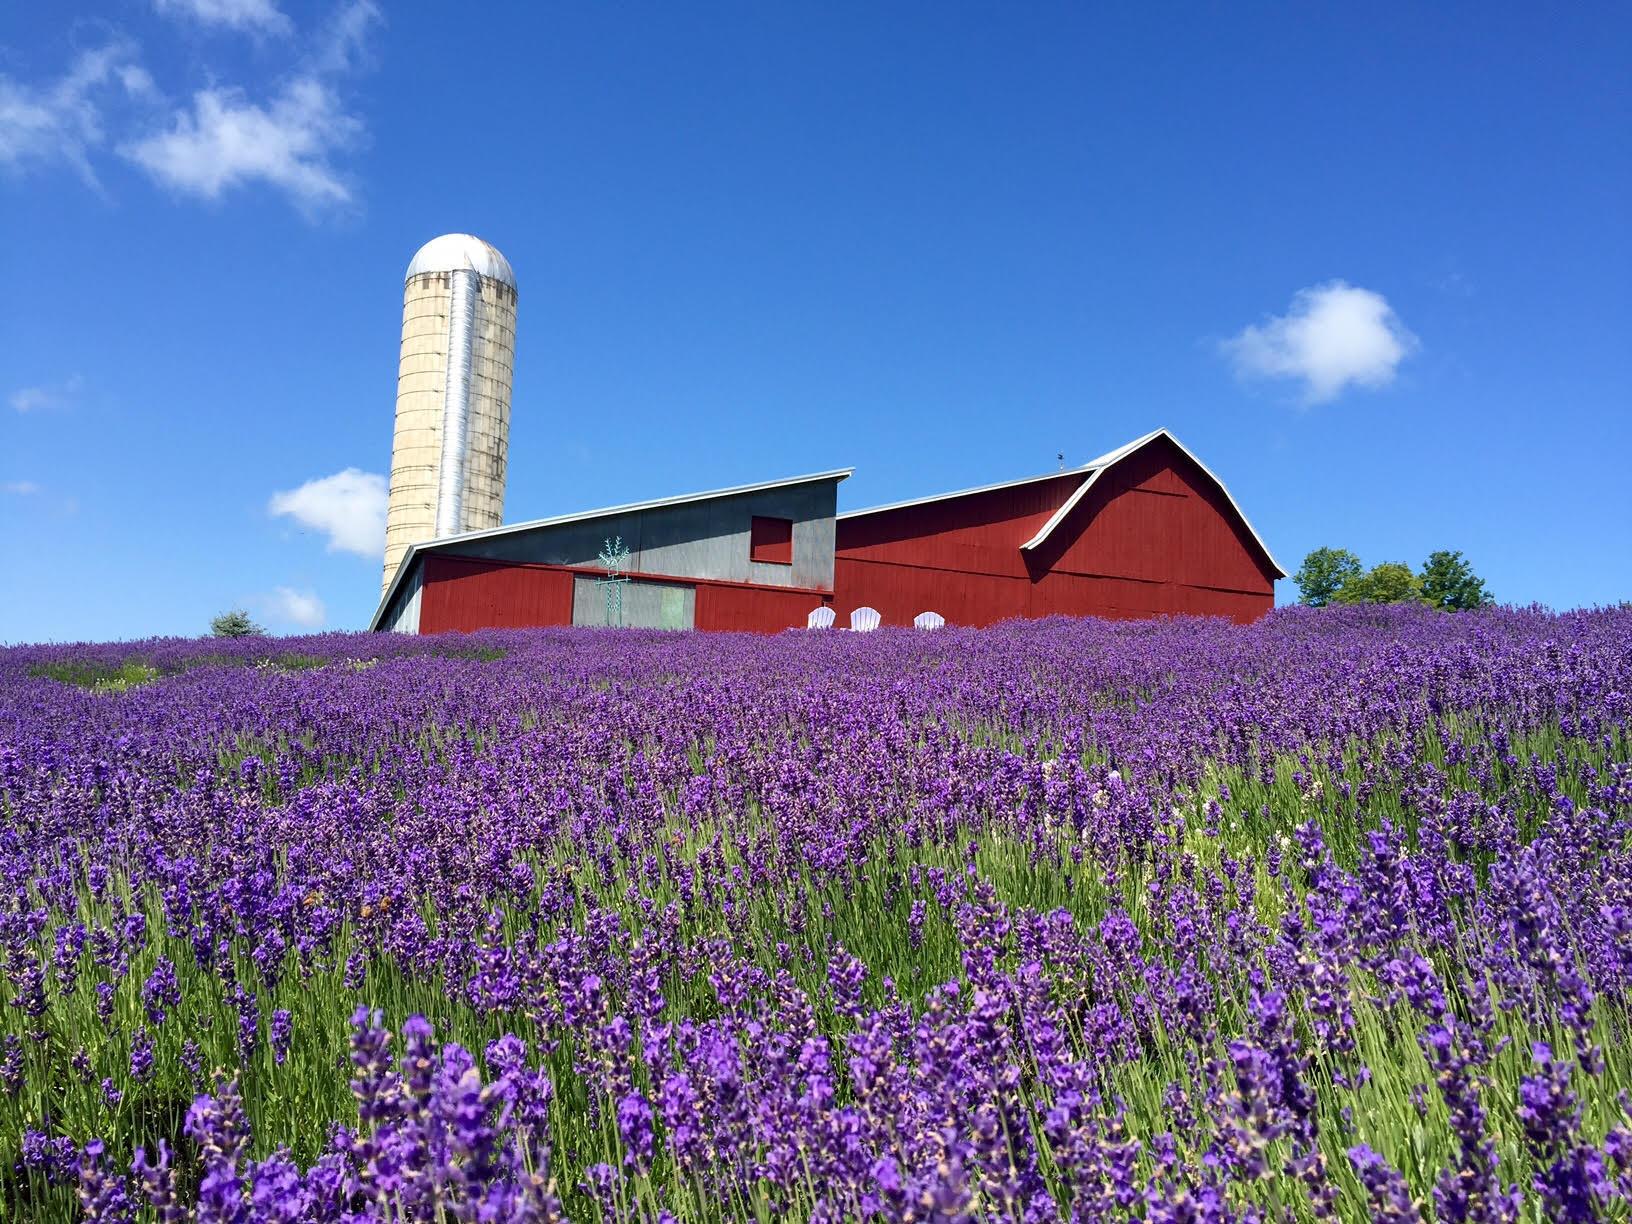 Lavendar Hill Farm